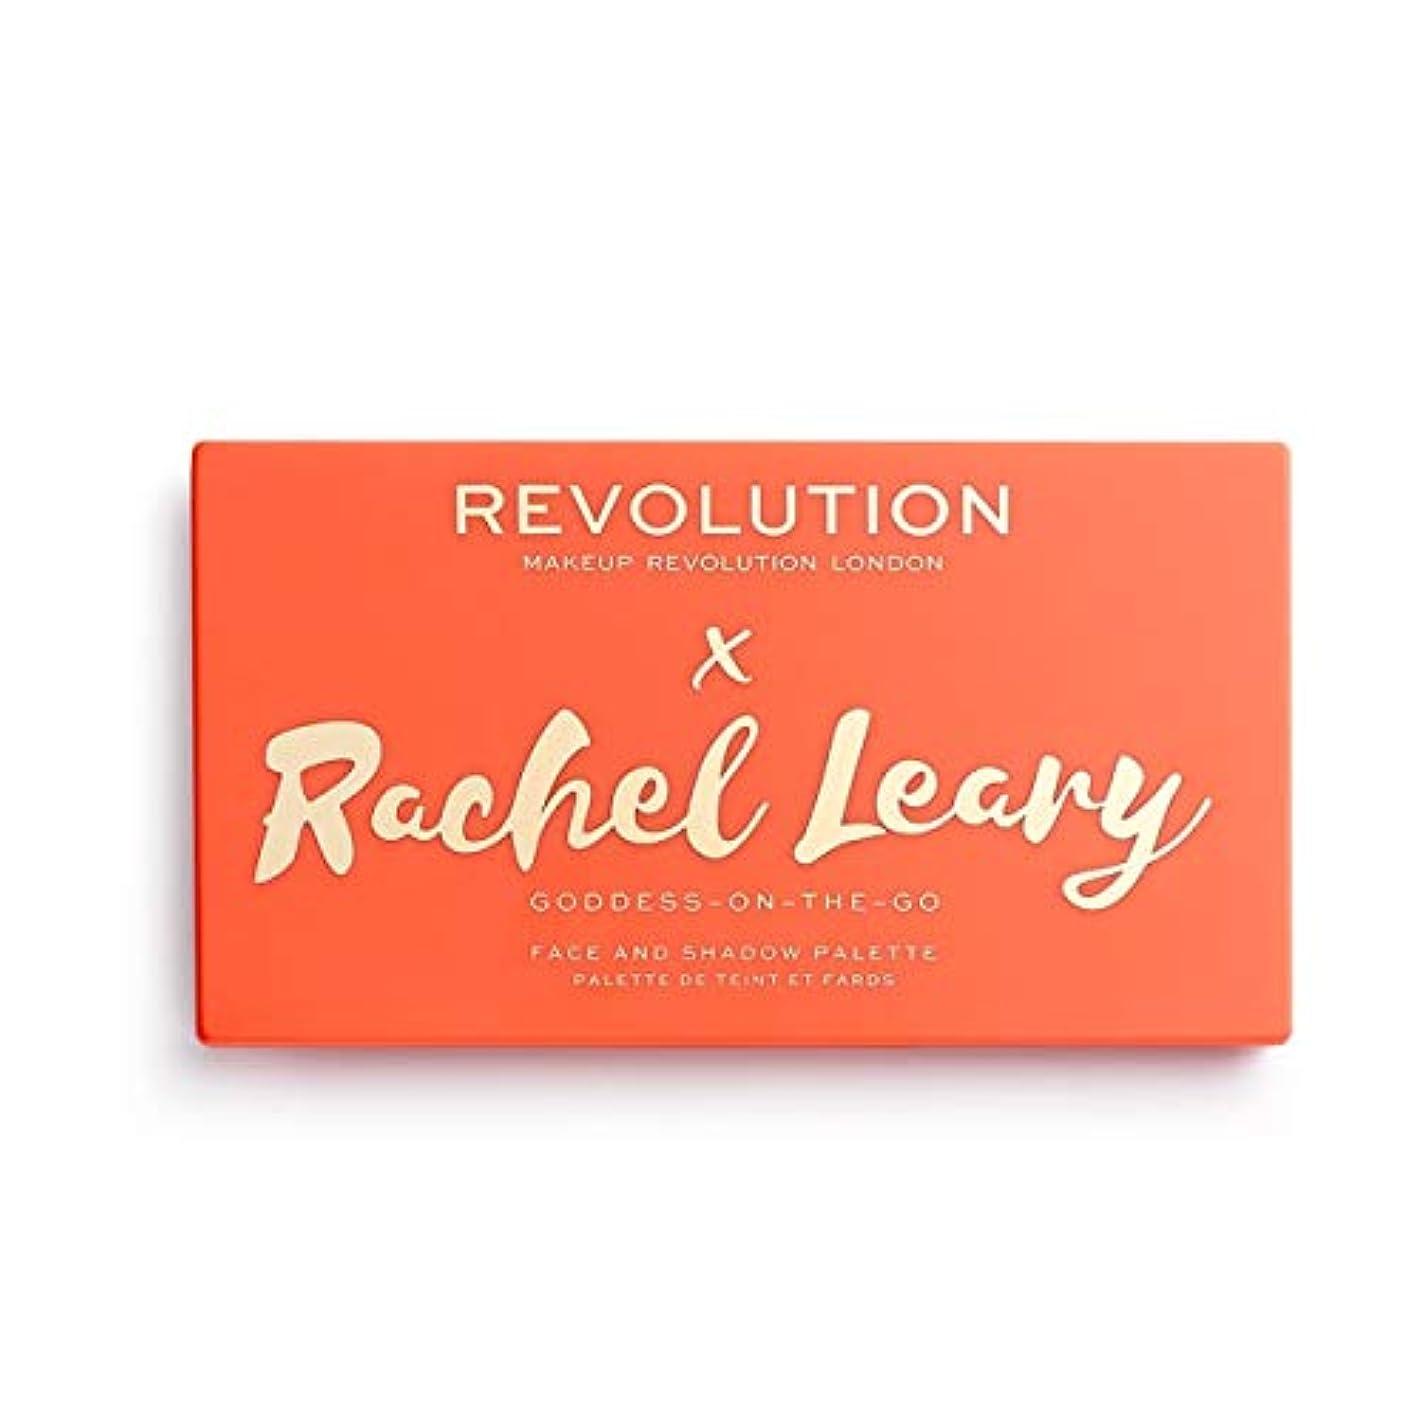 開始受取人十一メイクアップレボリューション ORIGINAL Revolution x Rachel Leary Goddess On The Go Palette 13色アイシャドウパレット REVOLUTION